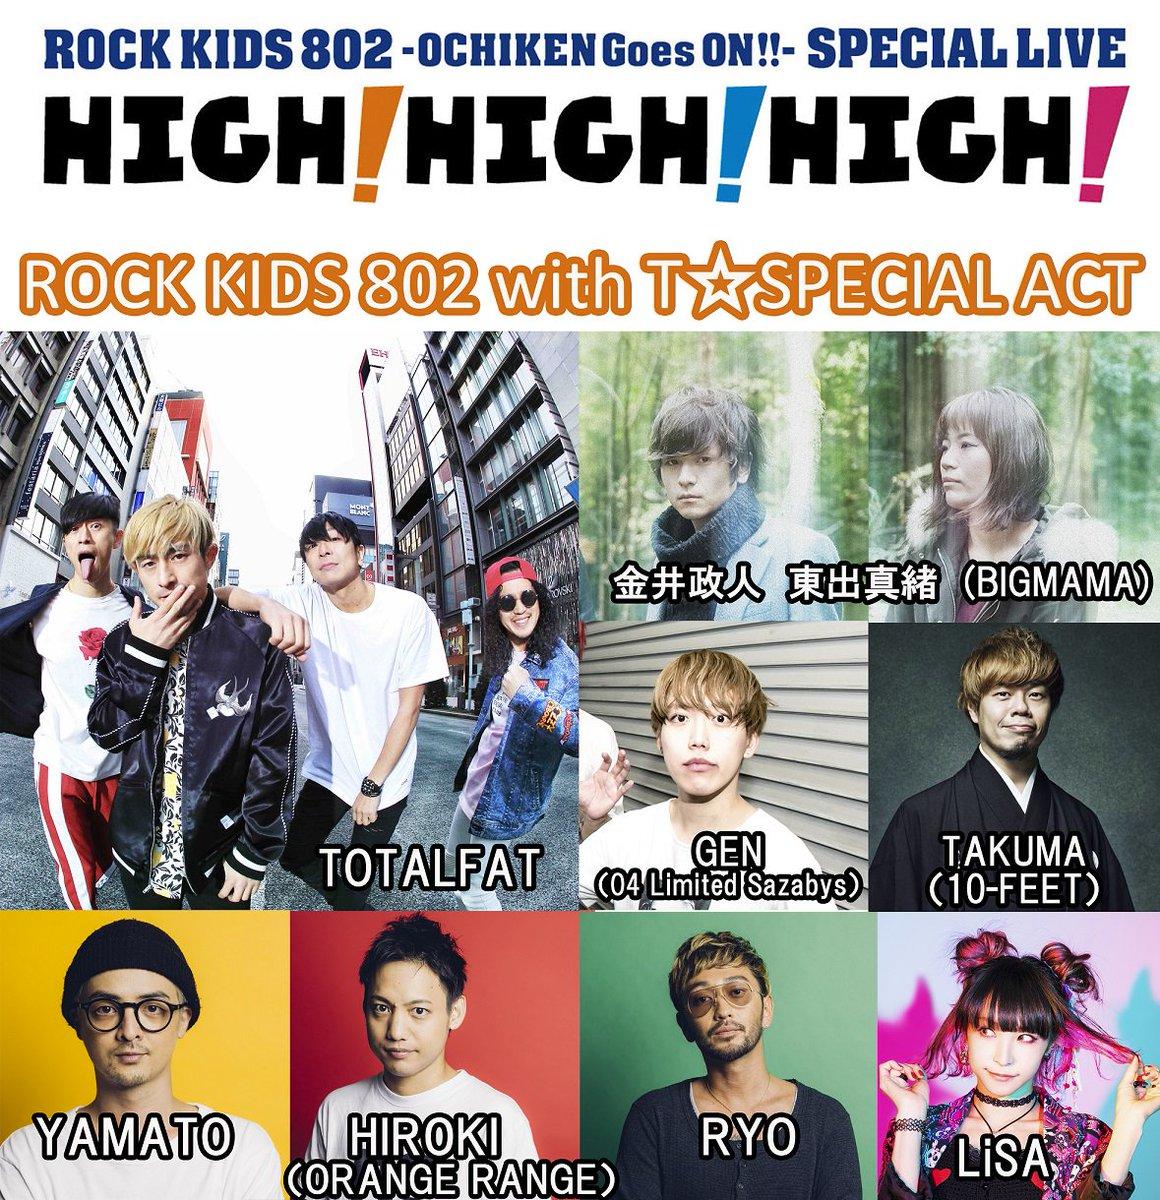 8/1は大阪城ホールで【#RK802 HIGH! HIGH! HIGH!】この日限りのSPバンドを結成💫#TOTALFA